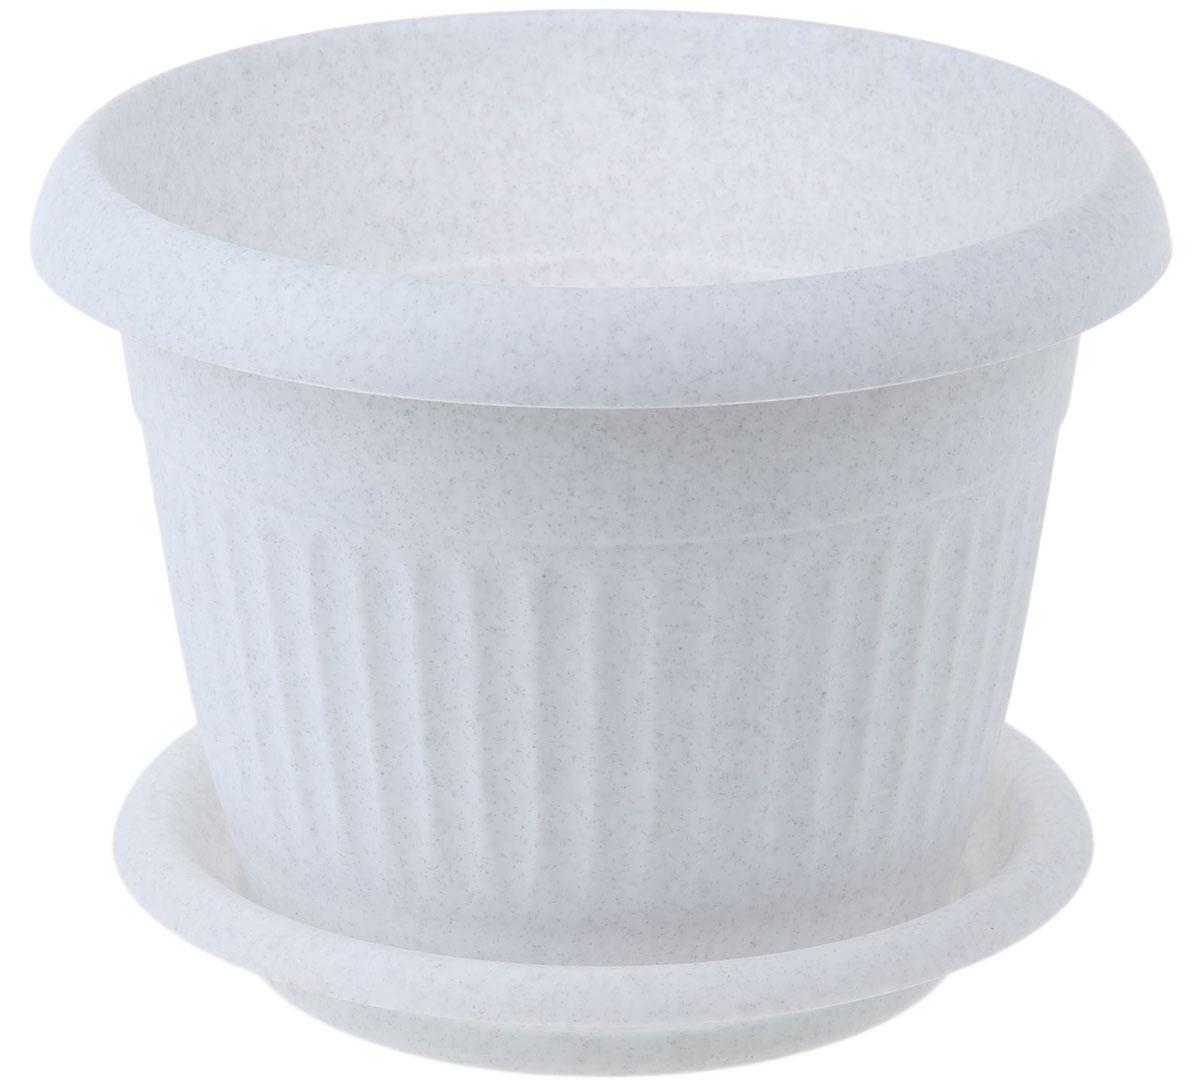 Кашпо Idea Ливия, с поддоном, цвет: мраморный, 11 лHS.040009Кашпо Idea Ливия изготовлено из прочного полипропилена (пластика) и предназначено для выращивания растений, цветов и трав в домашних условиях. Круглый поддон обеспечивает сток воды. Такое кашпо порадует вас функциональностью, а благодаря лаконичному дизайну впишется в любой интерьер помещения. Диаметр кашпо по верхнему краю: 32 см. Объем кашпо: 11 л.